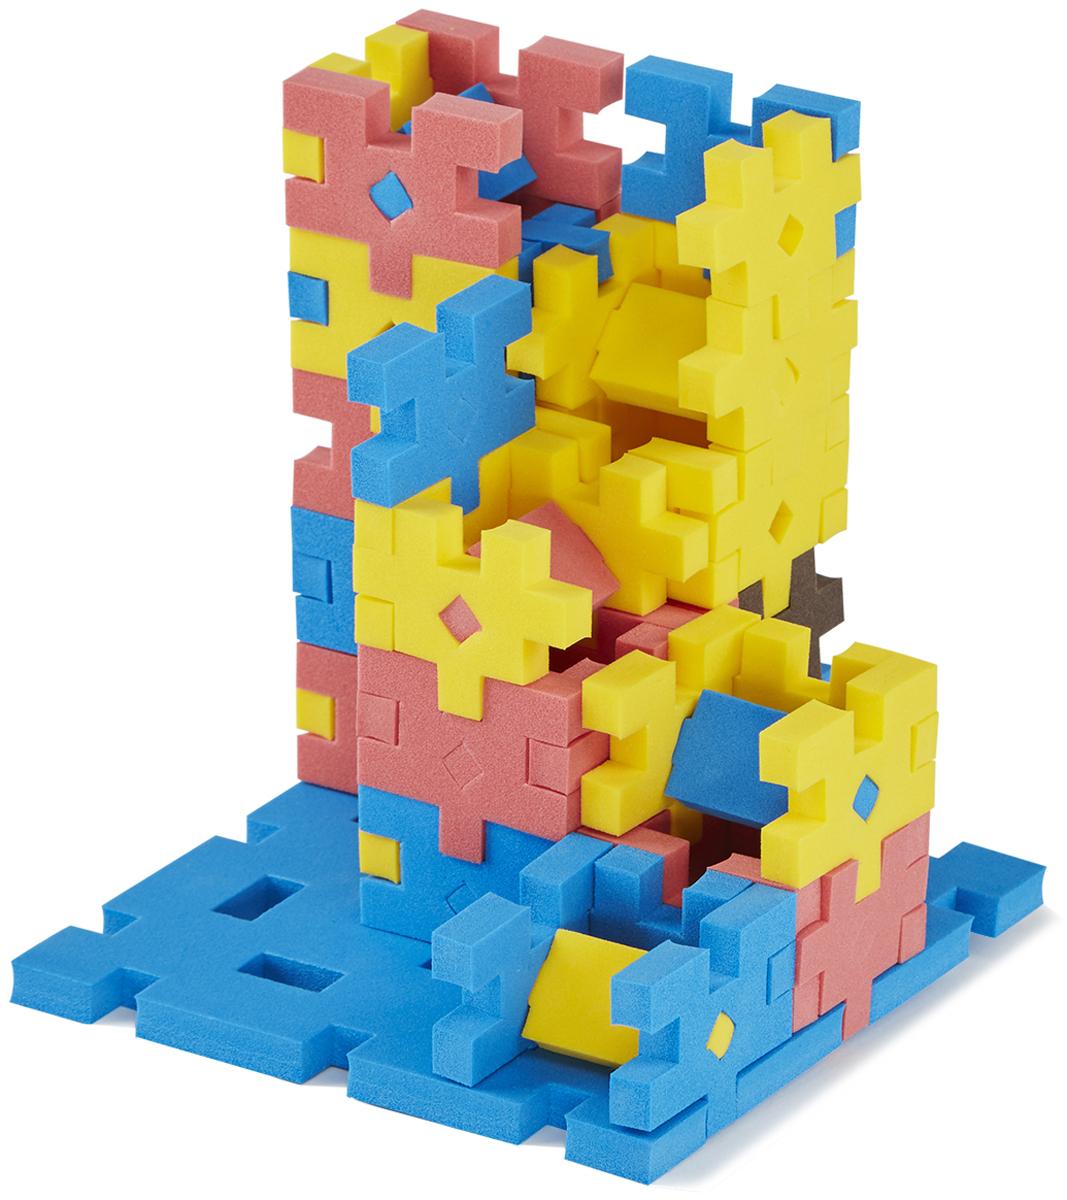 PicnMix Мягкий конструктор Вертикальный лабиринт Гравитация114001Игра-конструктор предполагает 3 этапа, в ходе каждого из них, ребенок знакомится с конструированием, учится понимать причинно-следственные связи, тренирует пространственное воображение и цветовое восприятие. Также в ходе игры ребенок получает представление о таком физическом явлении как земное тяготение. Игра позволяет создавать объёмные сложные конструкции из 2-3 наборов и участвовать в ней одновременно нескольким игрокам.